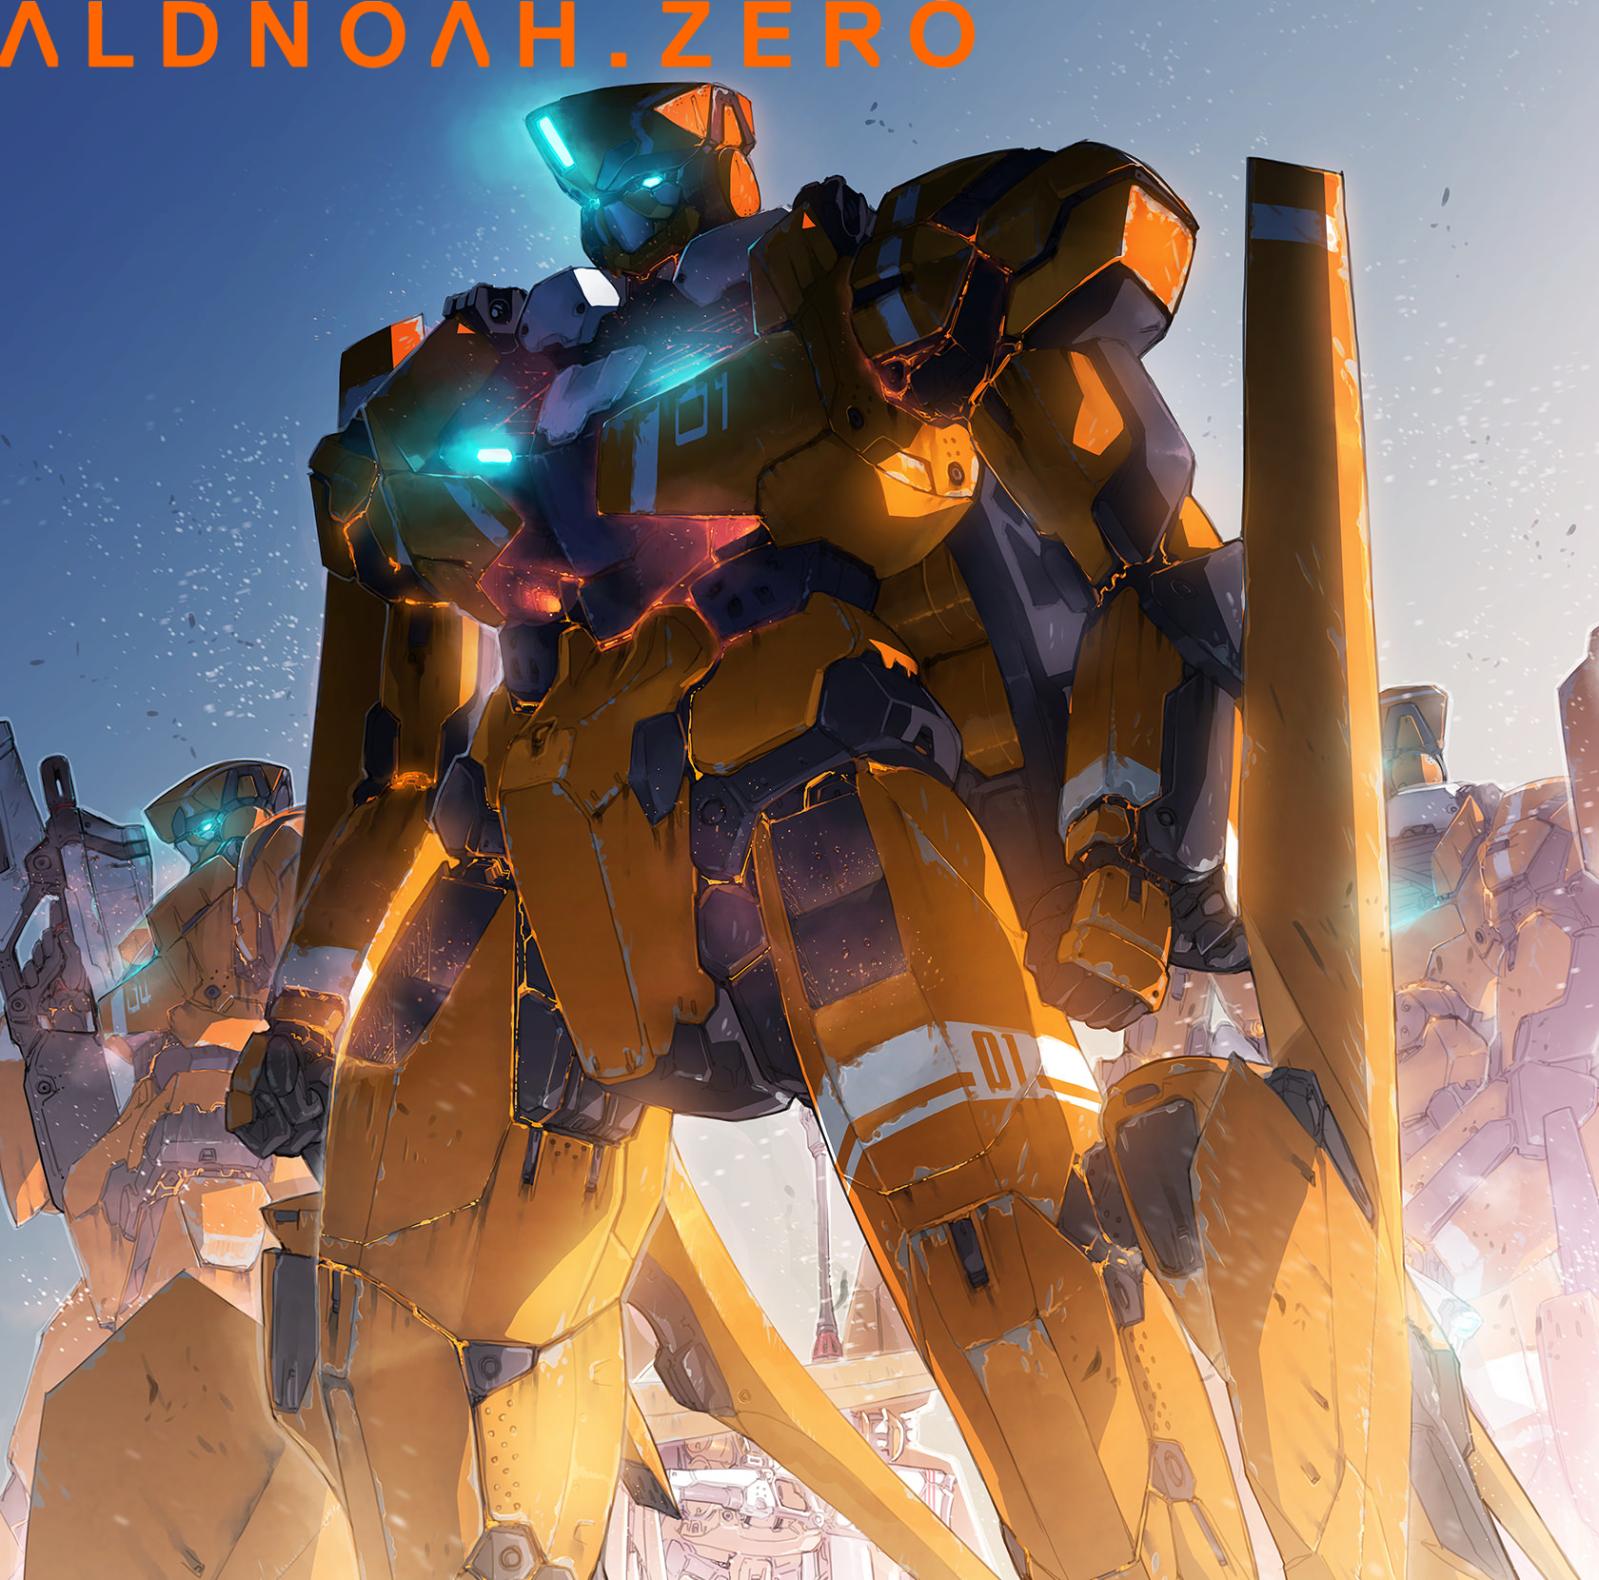 aldnoah_zero_poster_art